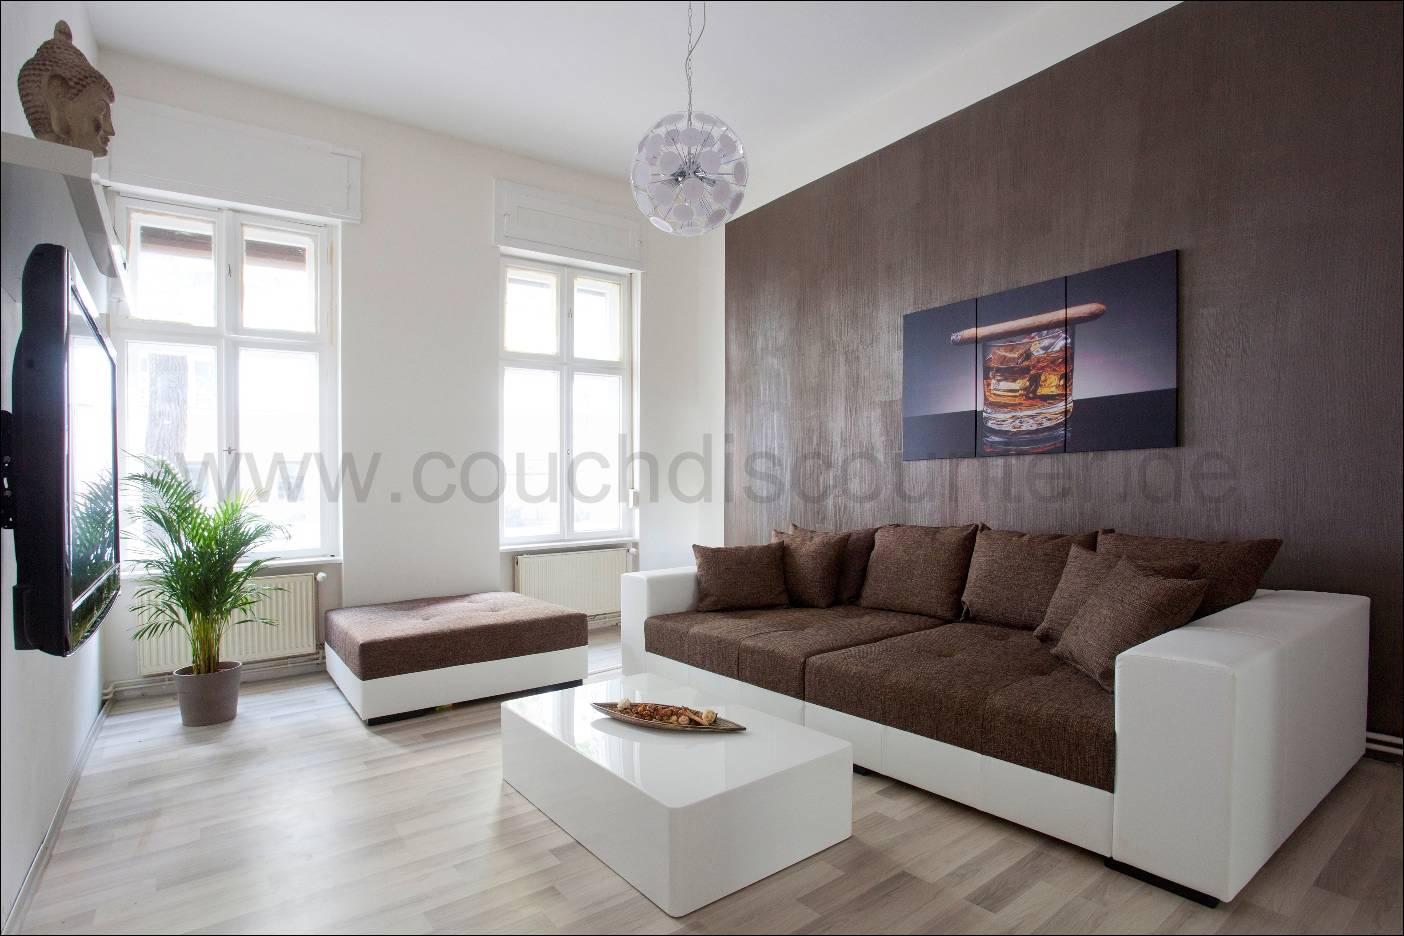 couch u form 3m. Black Bedroom Furniture Sets. Home Design Ideas